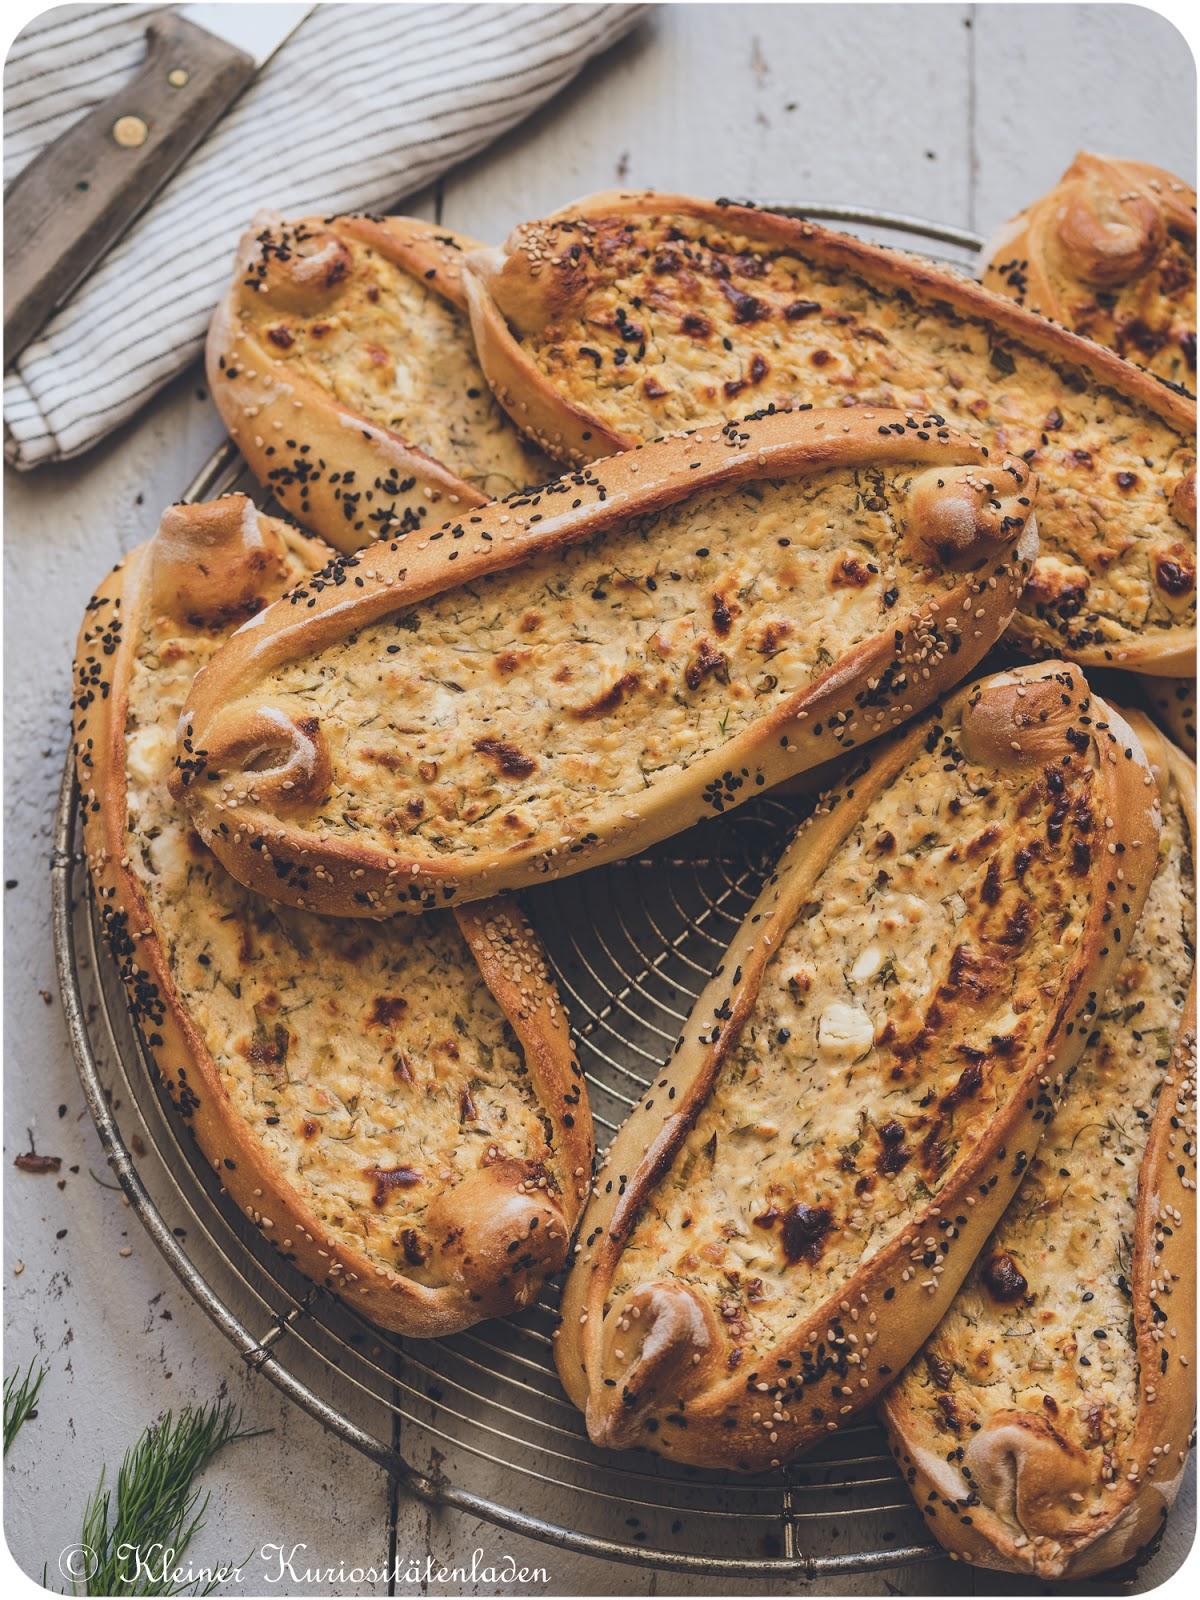 Peynirli Pide | Pide mit Fetafüllung